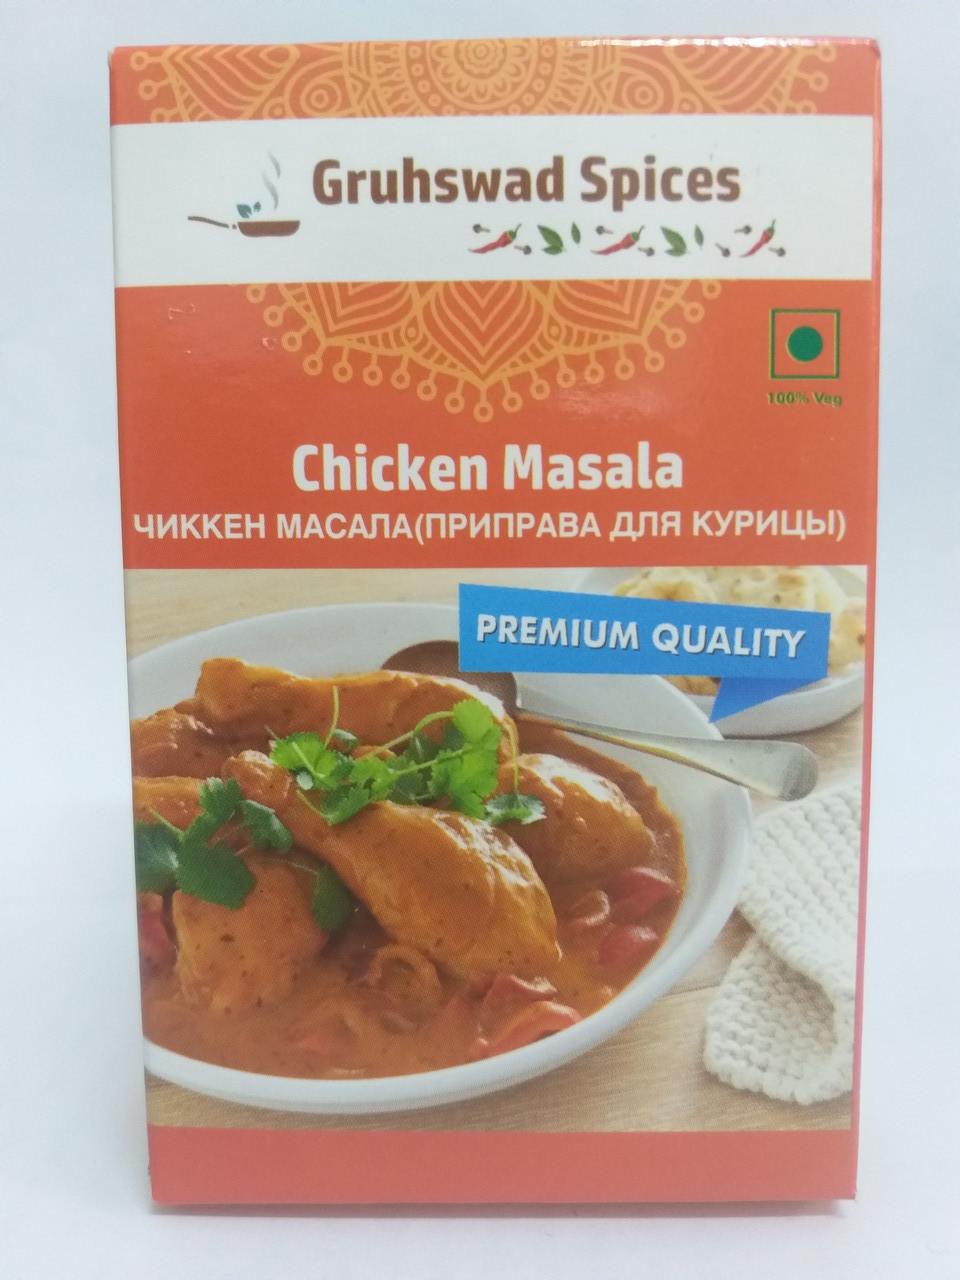 Приправа для курицы Чикен масала (Chicken masala) 50г , Gruhswad Spices